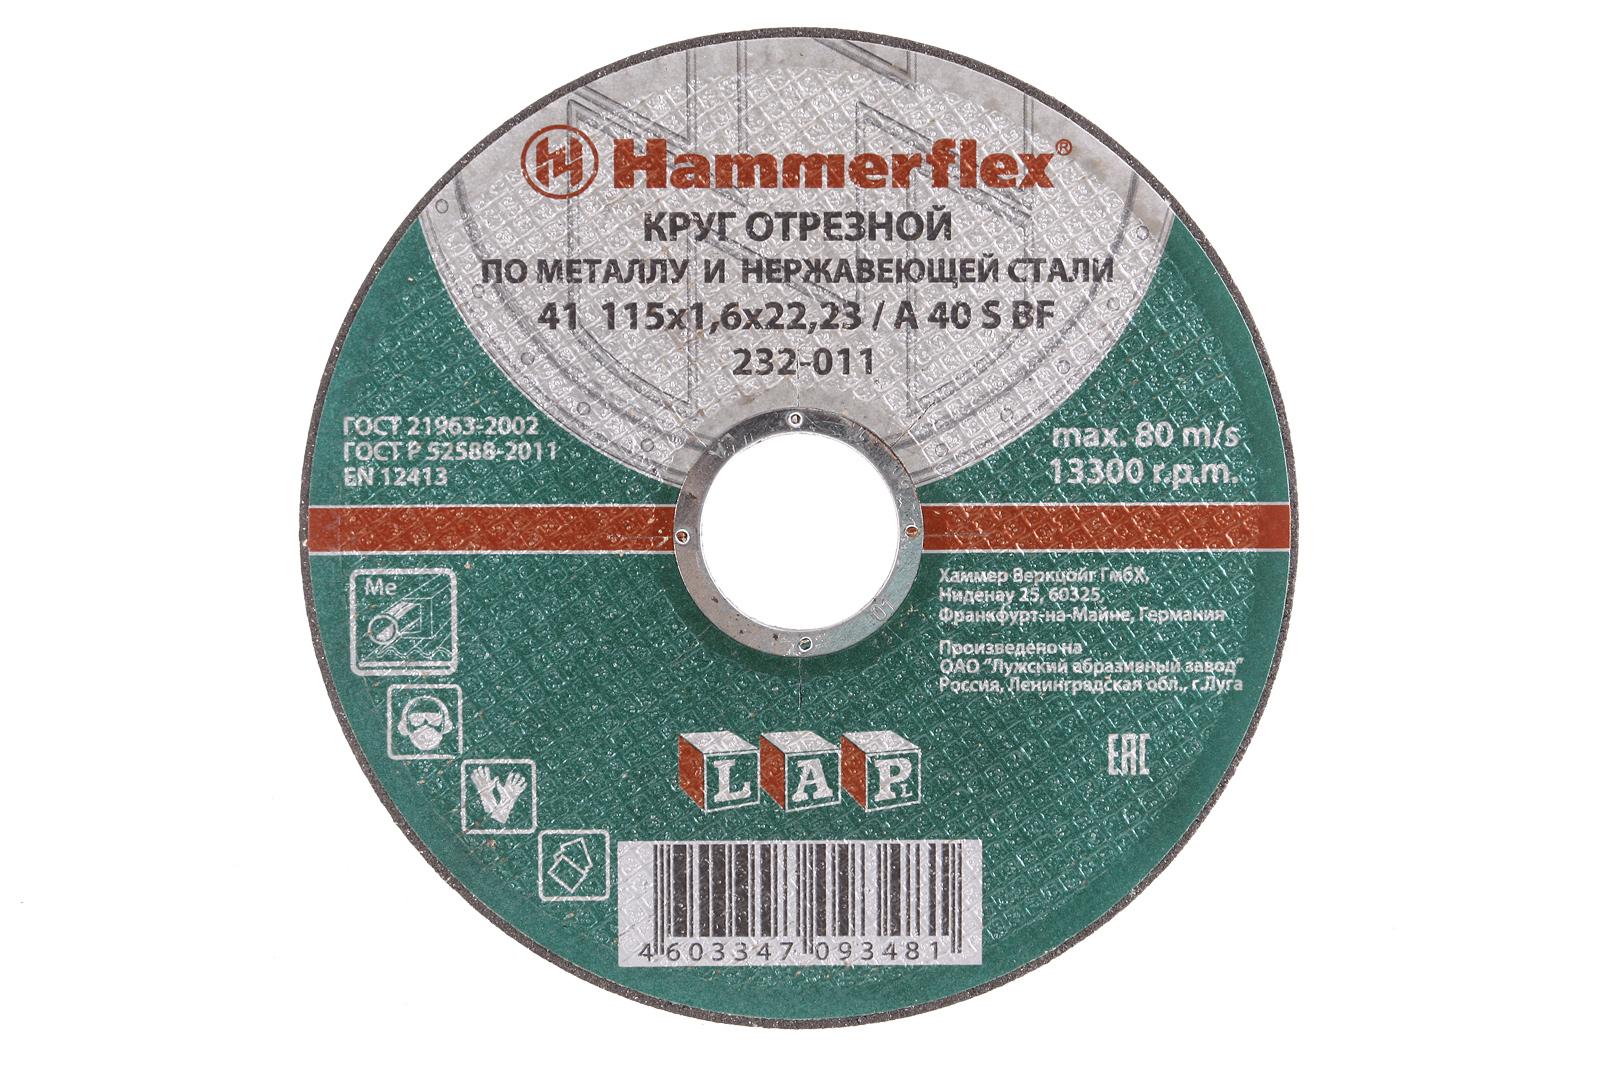 Круг отрезной Hammer 115 x 1.6 x 22 по металлу и нерж.стали Коробка (200шт.) круг отрезной hammer flex 115 x 1 6 x 22 по металлу и нержавеющей стали 25шт